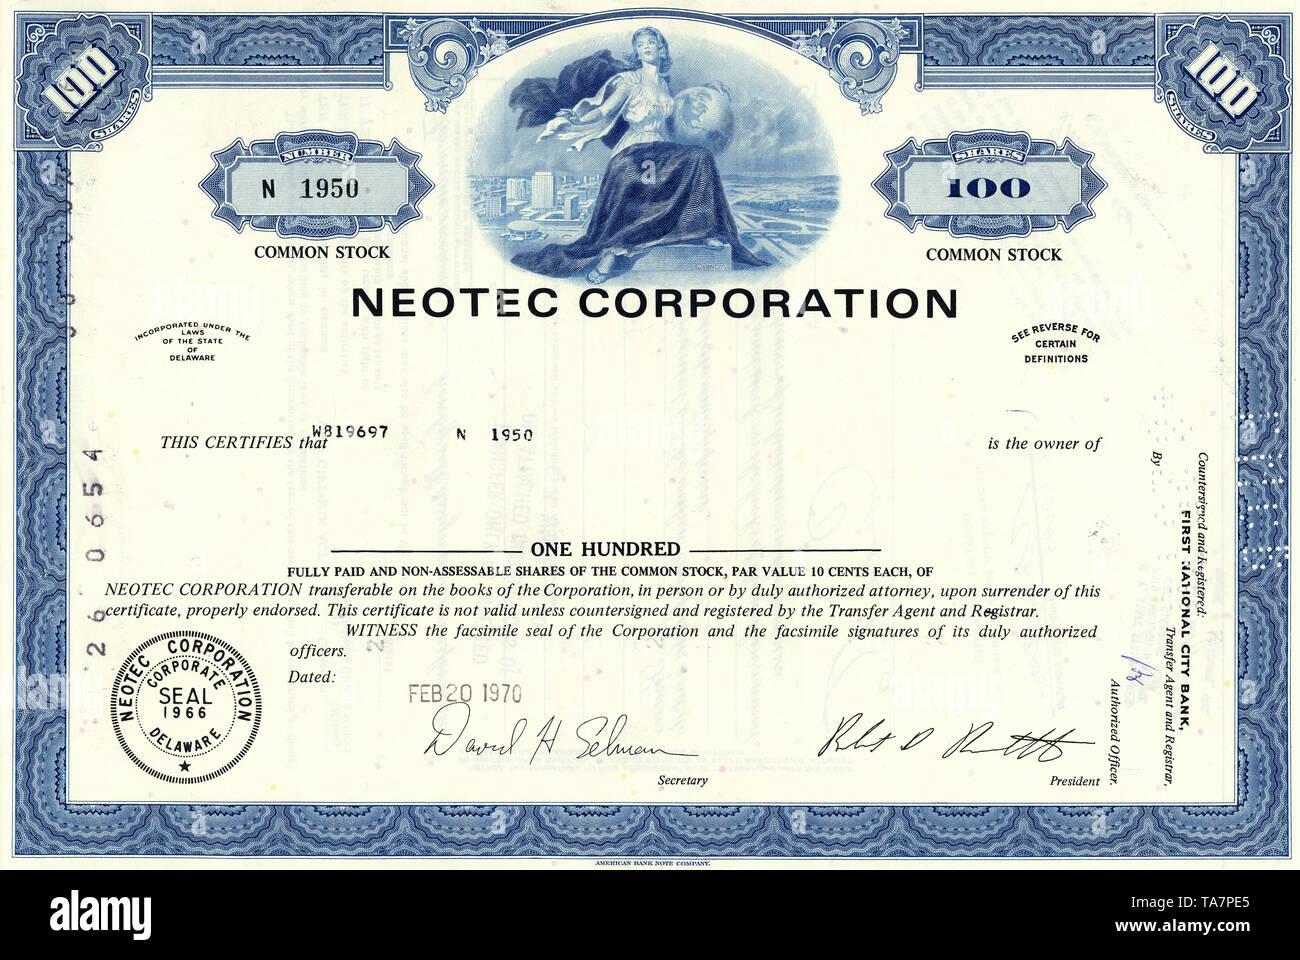 Historical stock certificate, Neotec Corporation, infrared technology for industrial and agricultural feed, Delaware, USA, 1970, Wertpapier, historische Aktie, Neotec Corporation, Infrarot (NIR)-Technologie für Industrie-und landwirtschaftliche Futtermittel, heute ein Teil von FOSS NIRSystems, Inc., 1970, Delaware, USA - Stock Image